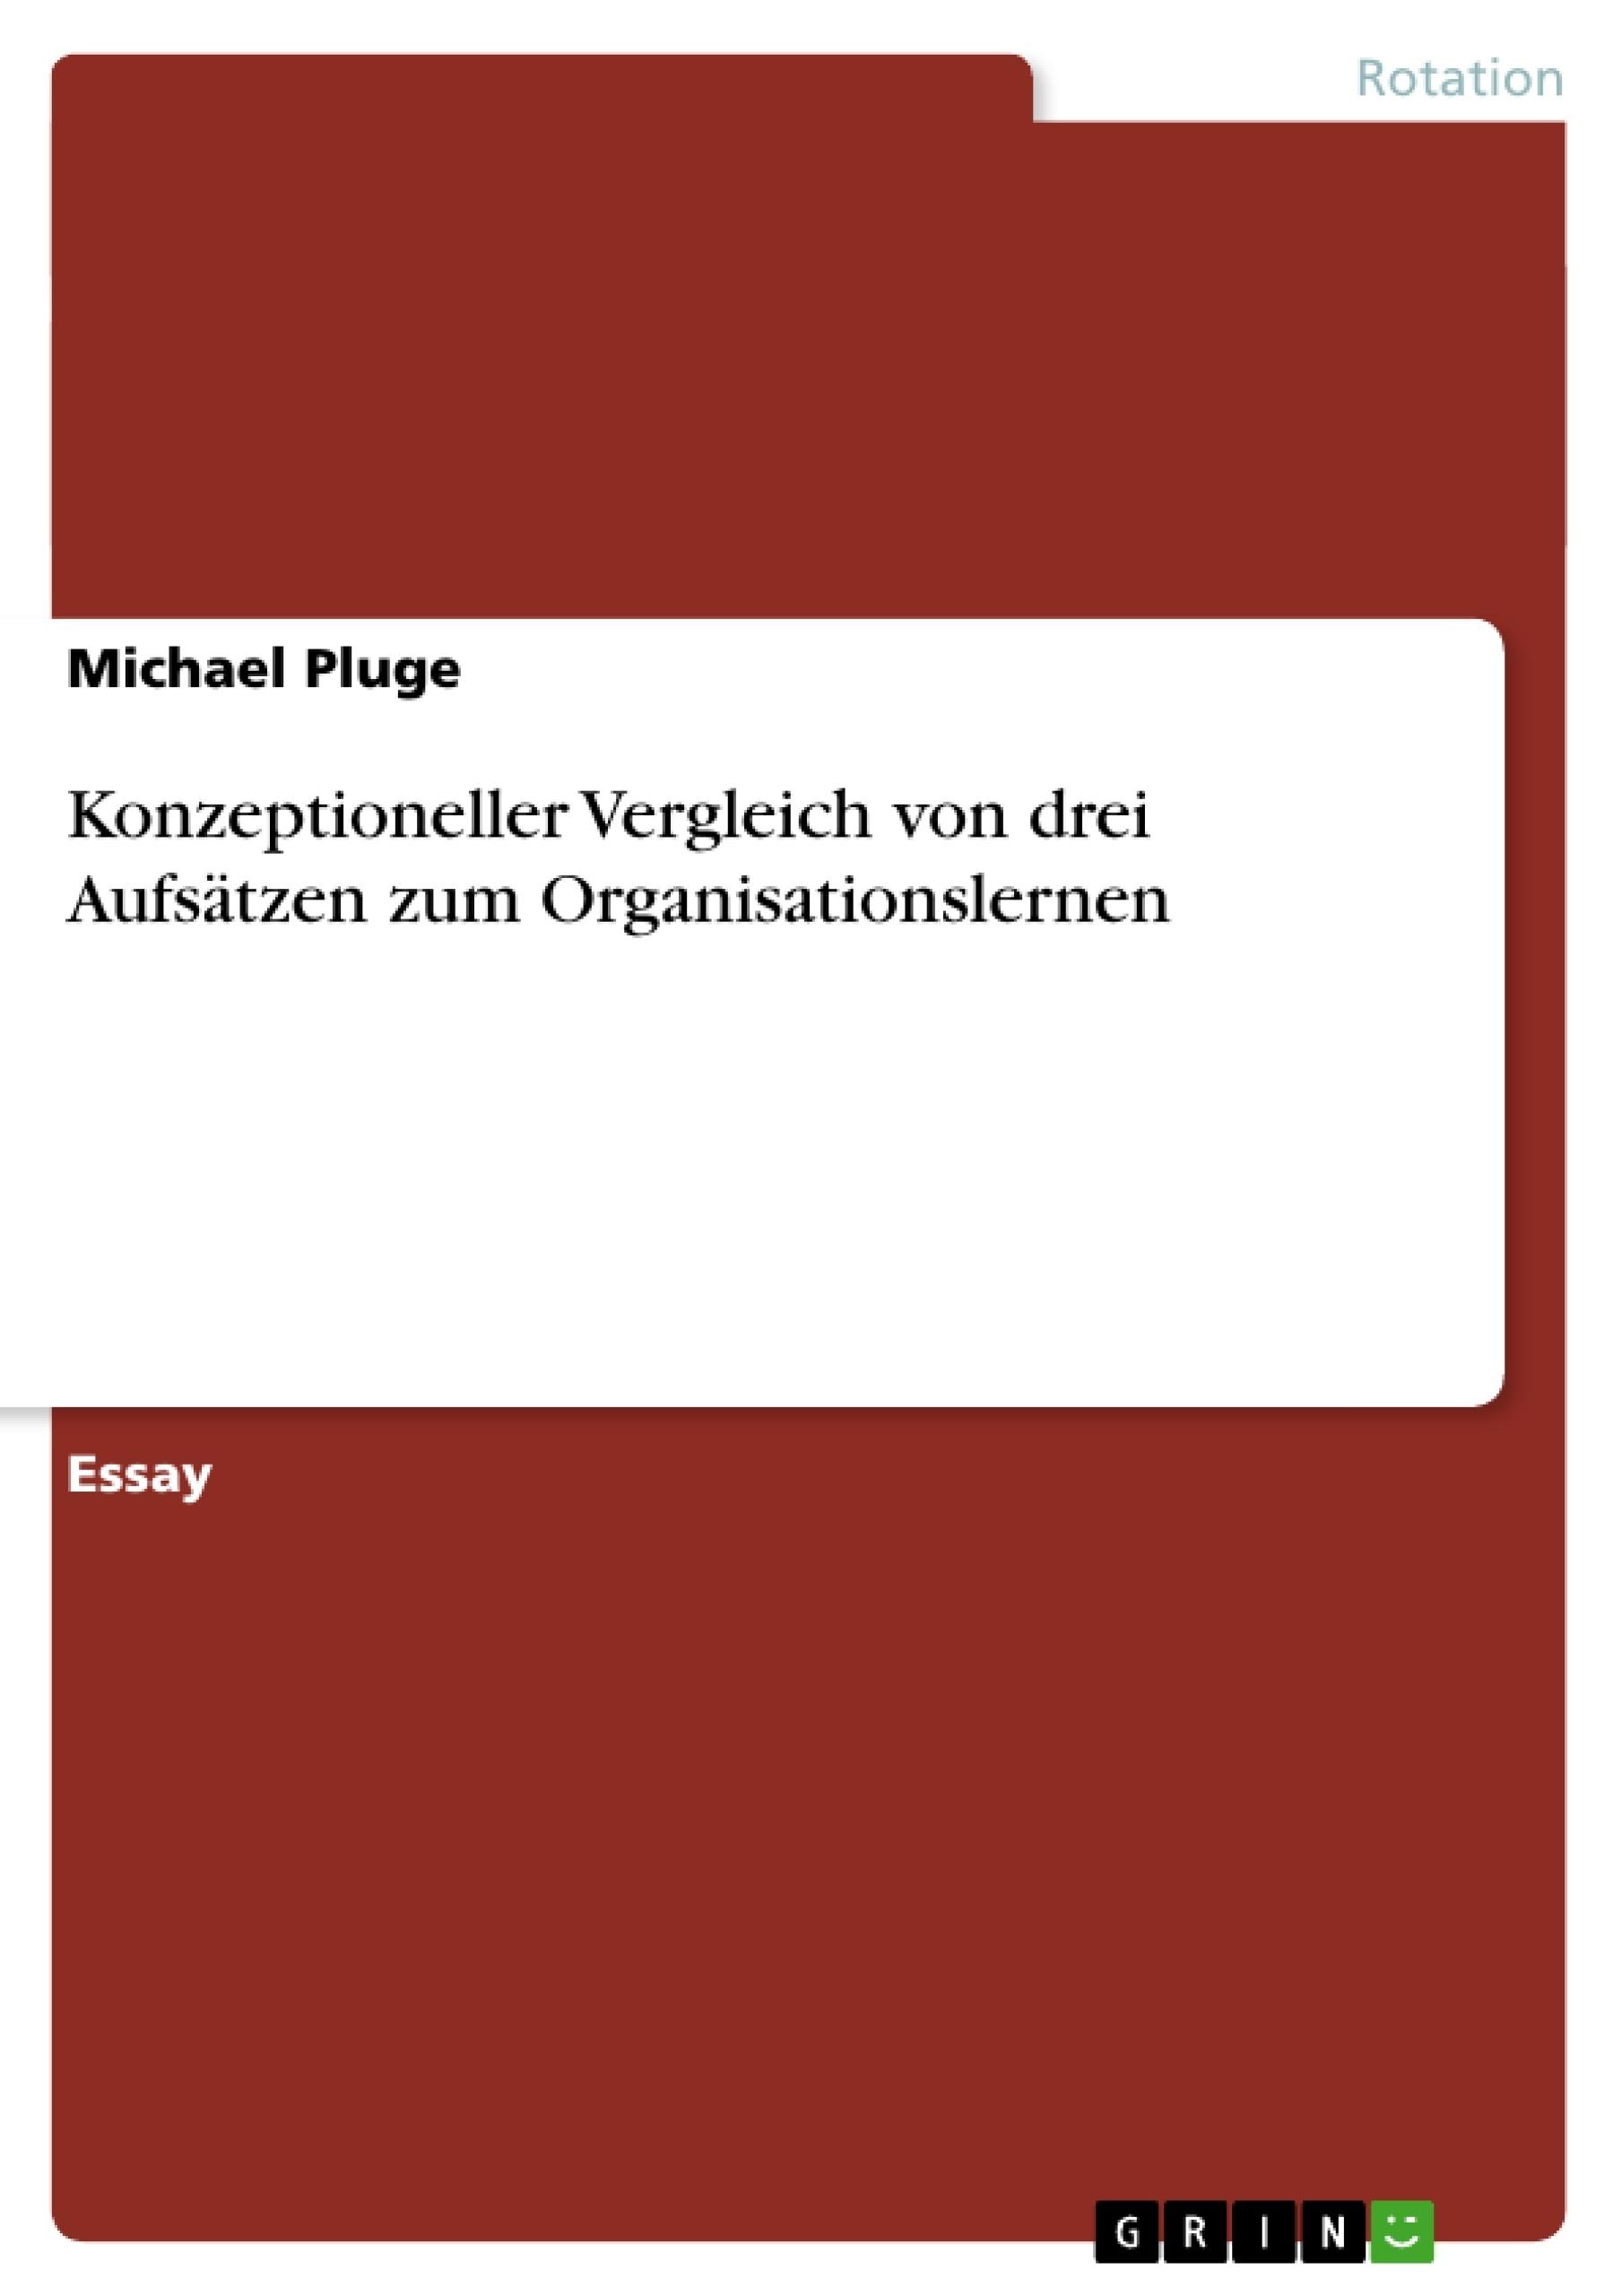 Titel: Konzeptioneller Vergleich von drei Aufsätzen zum Organisationslernen